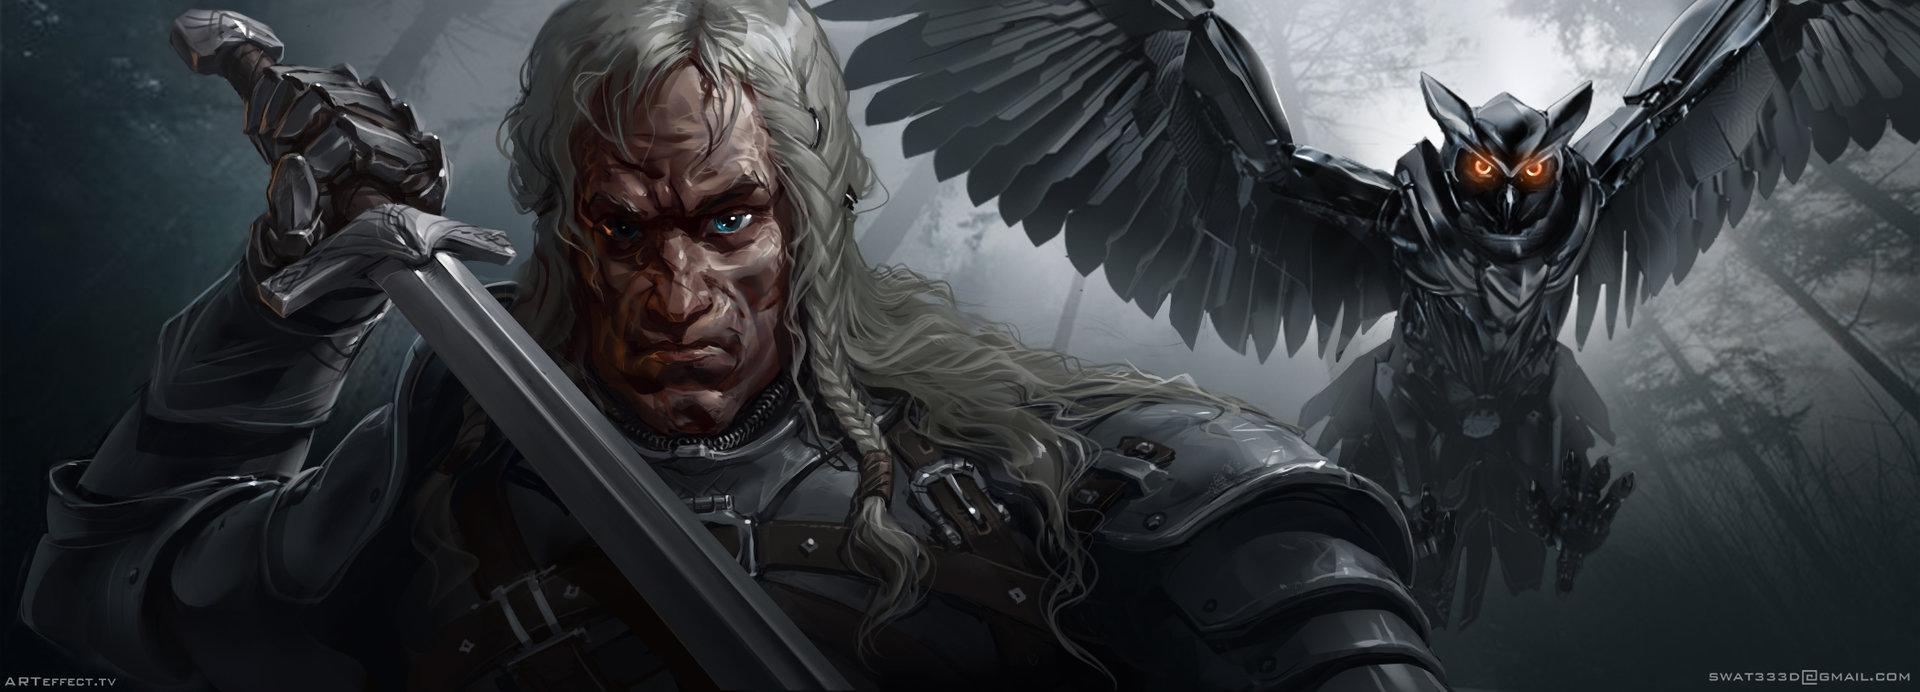 Sviatoslav gerasimchuk worier knight